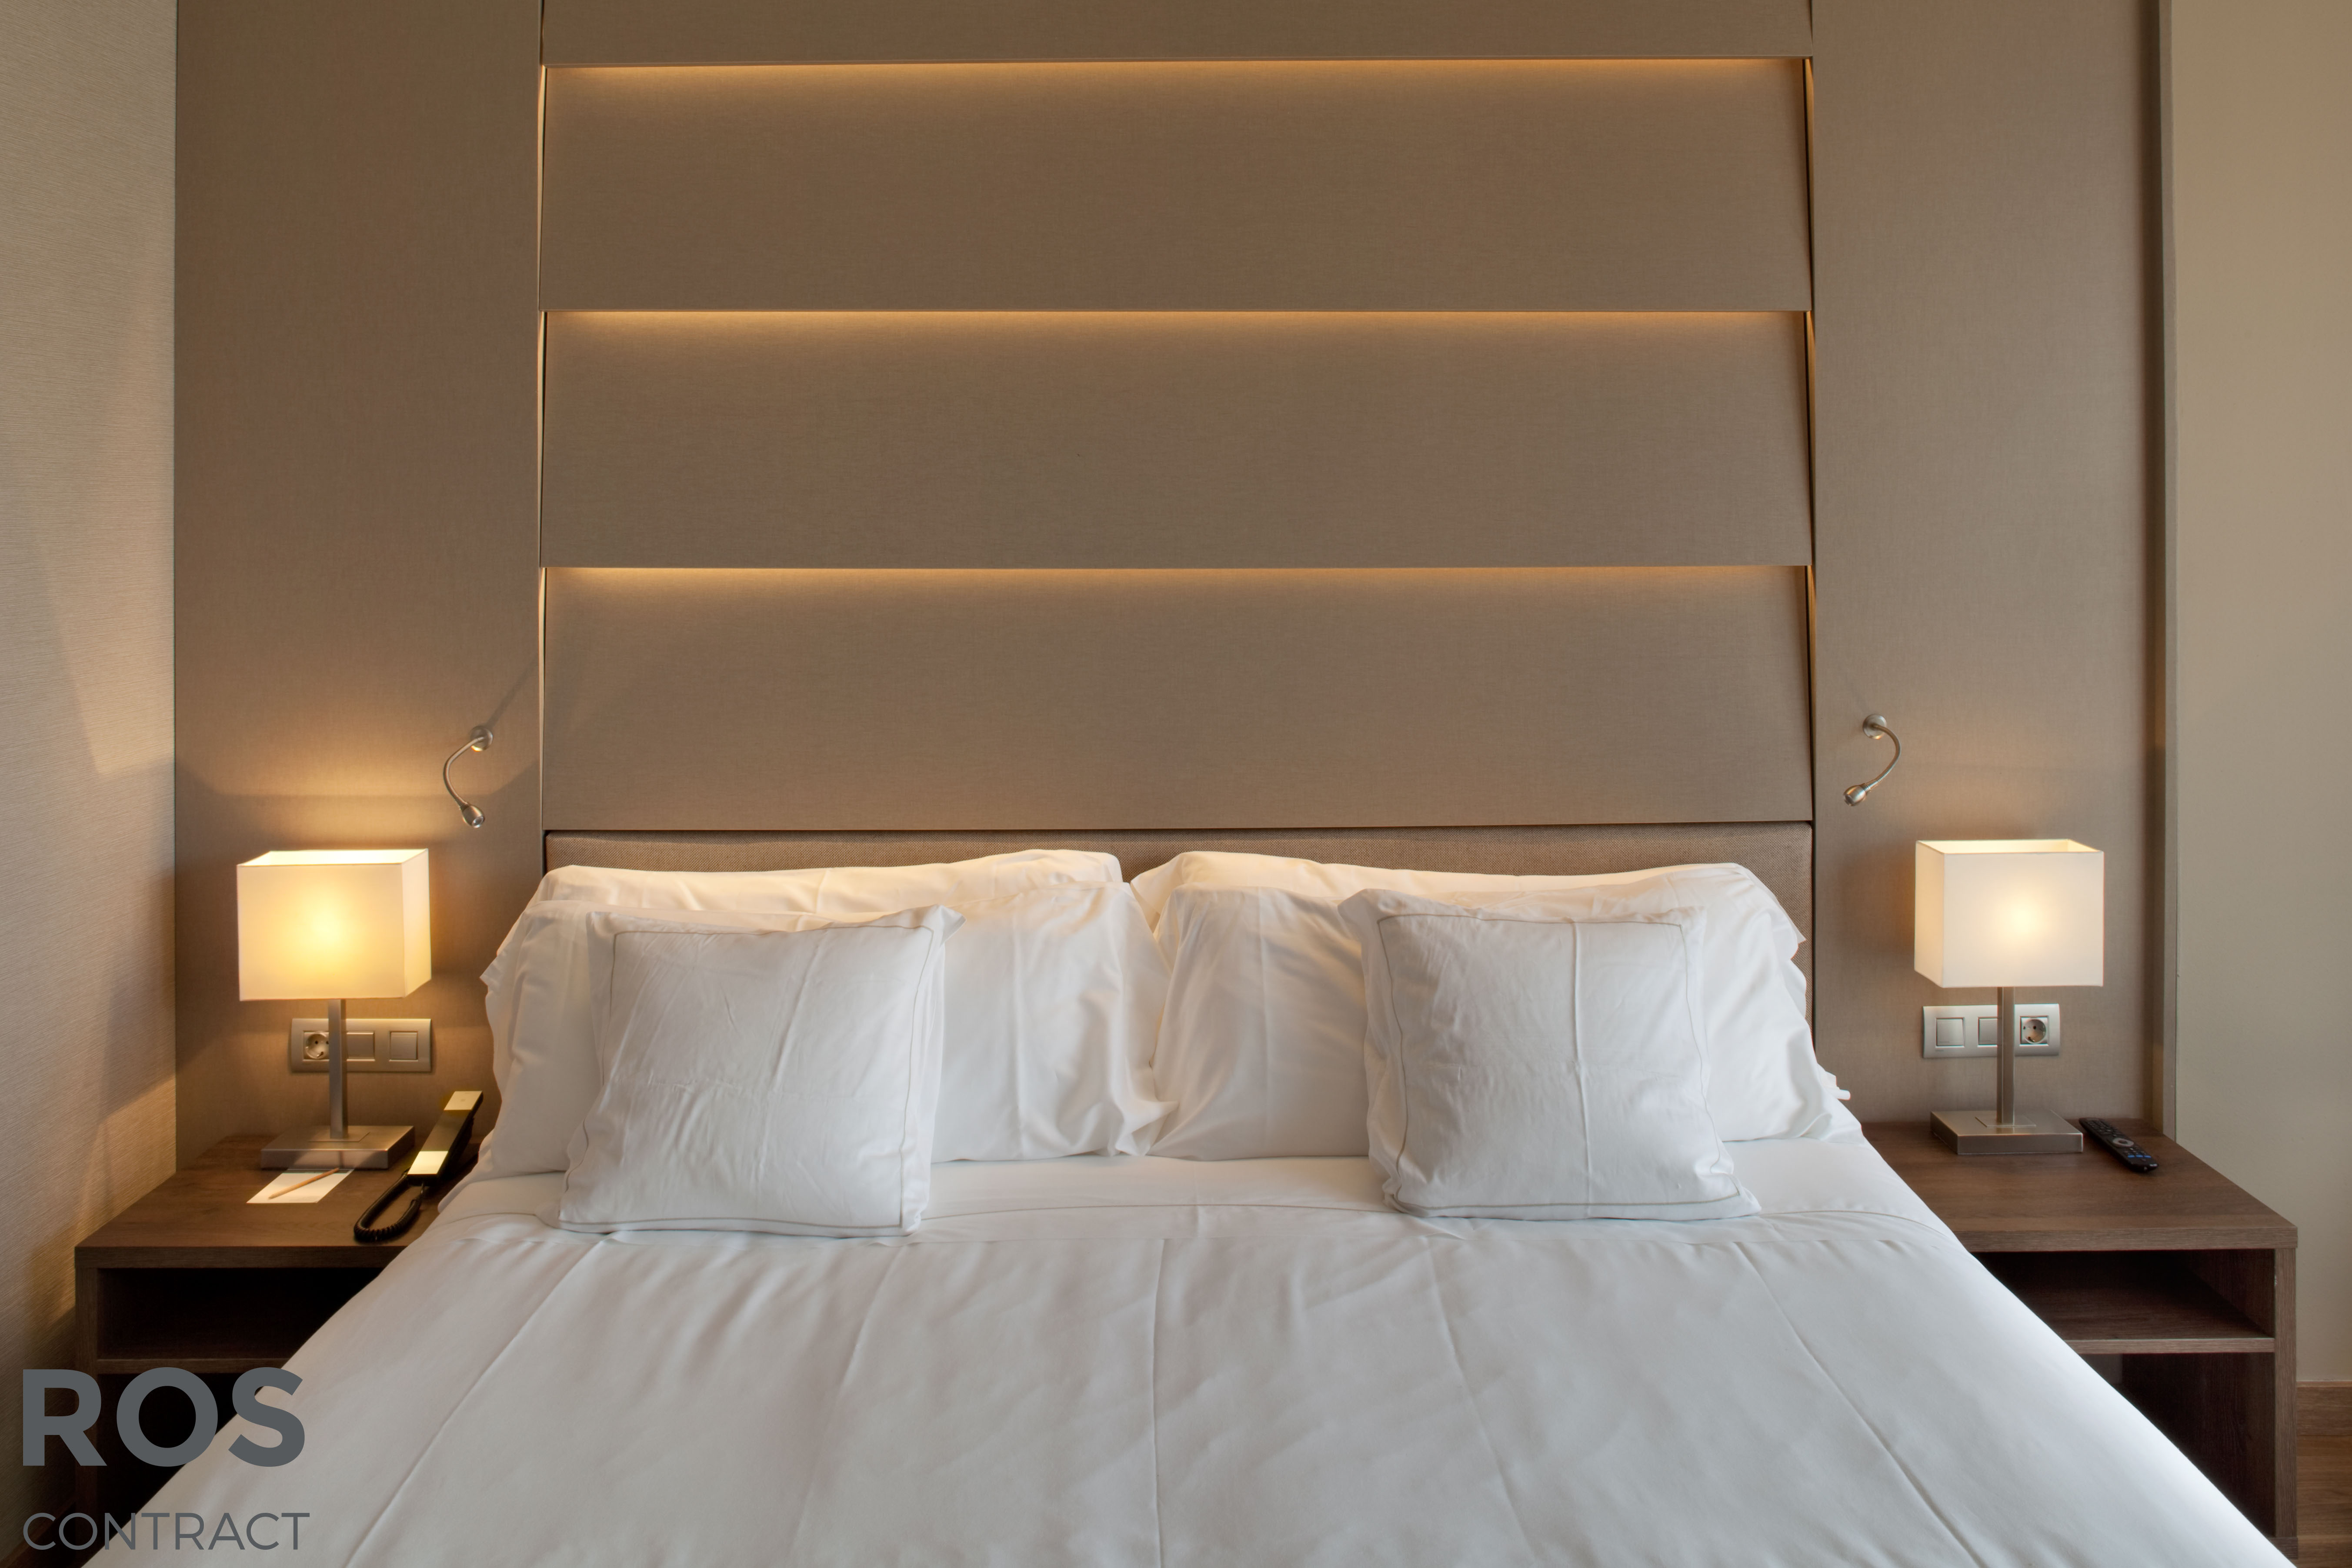 Muebles Ros Expondr Una Habitaci N De Hotel Para Los Interesados  # Muebles Hoteleros